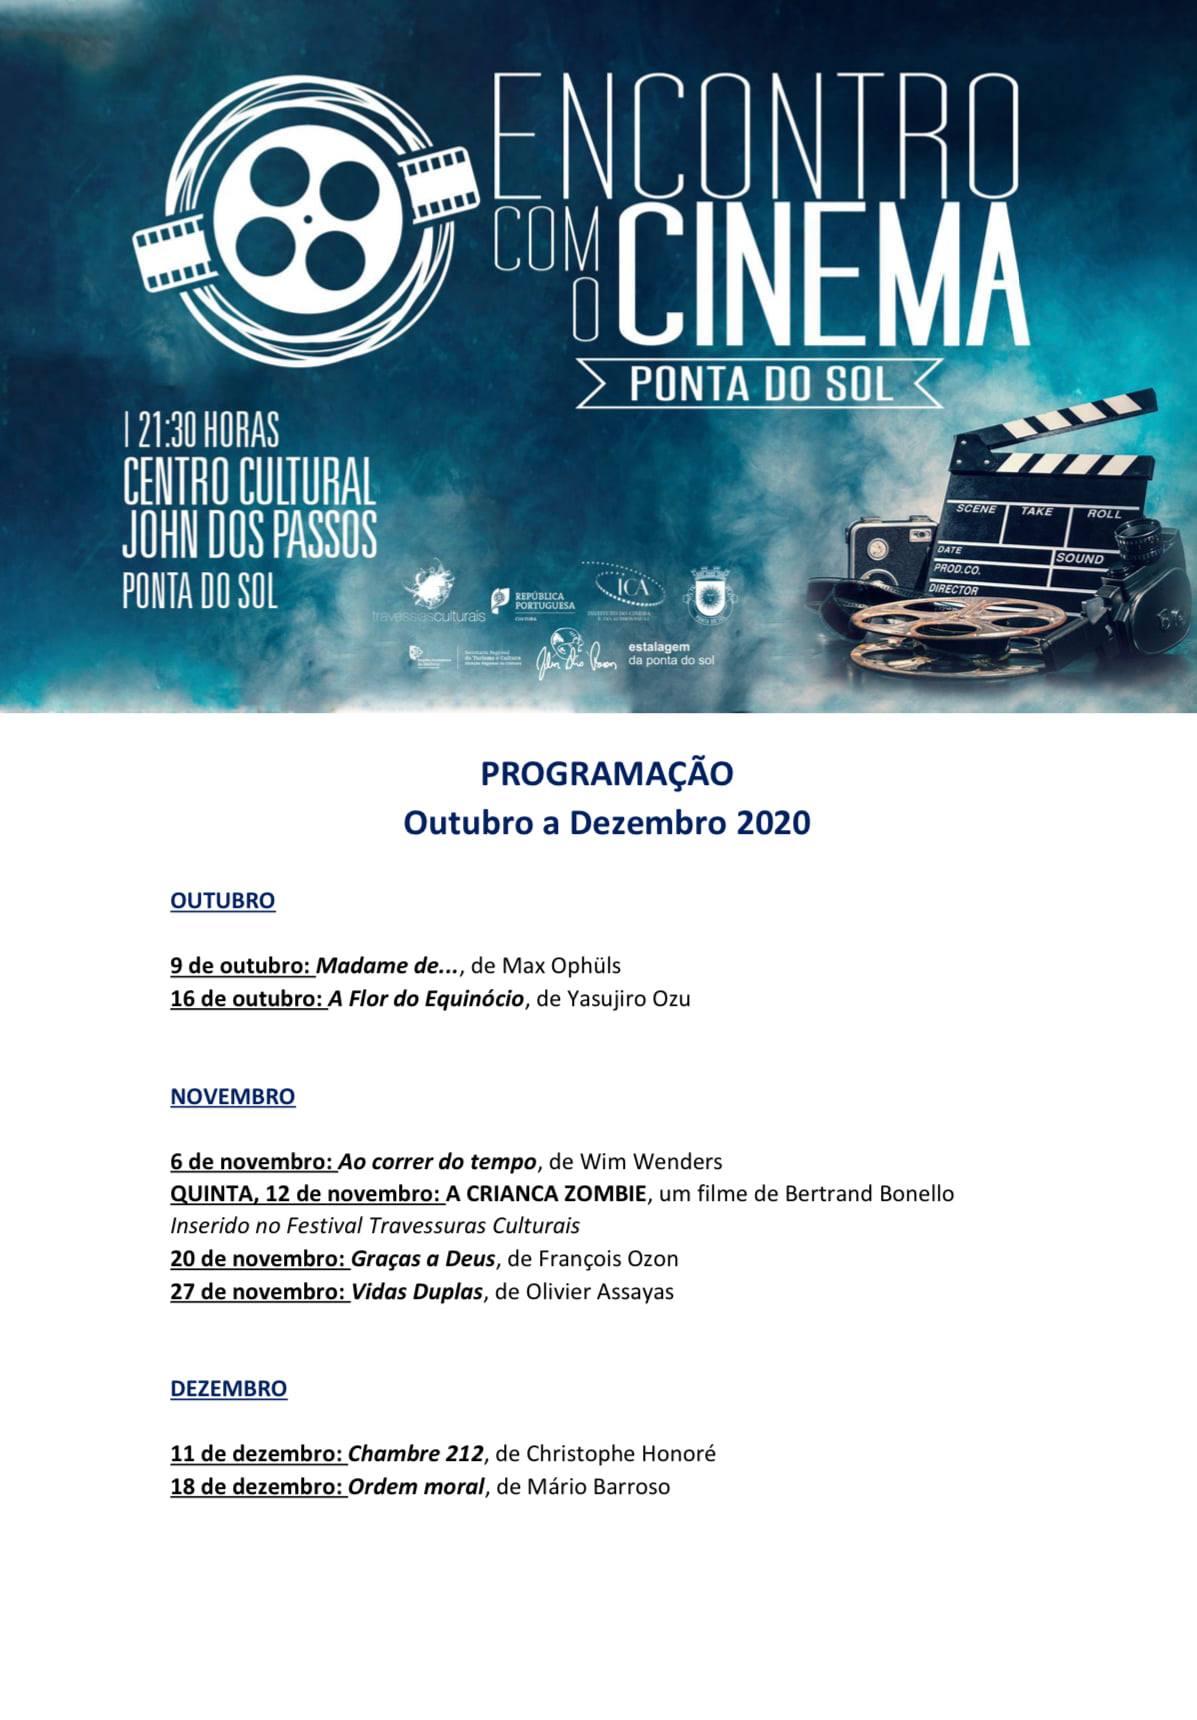 Encontro com o cinema | regressa à Ponta do Sol